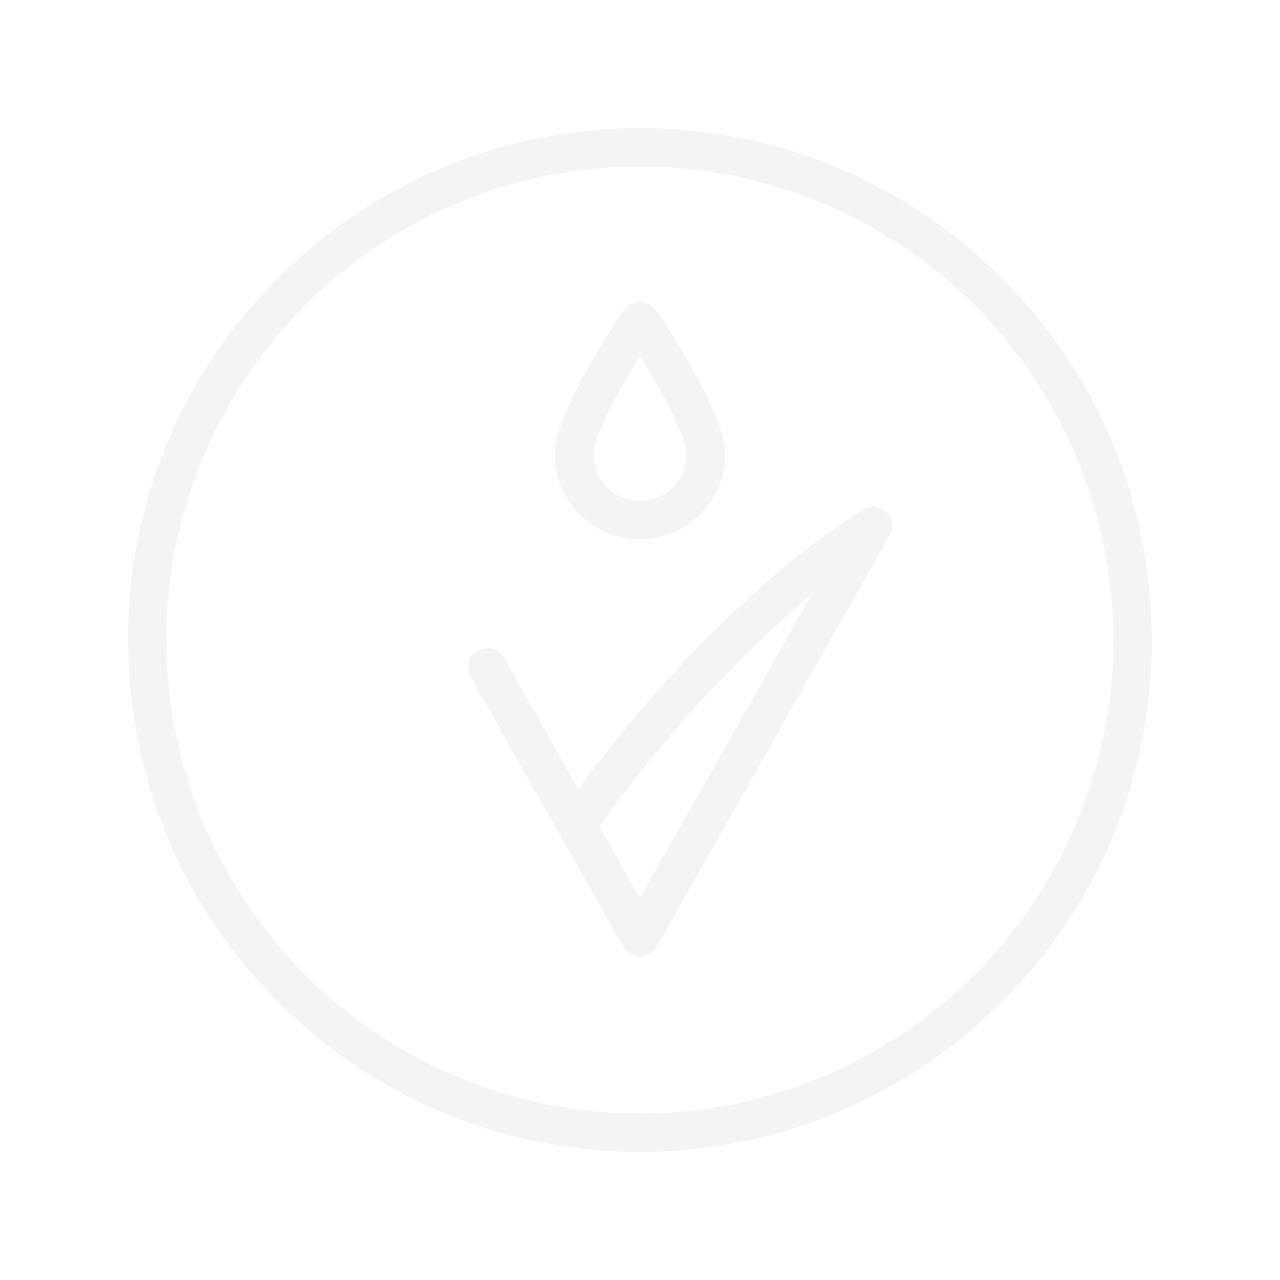 JANE IREDALE Eyeshadow Kit 9.6g